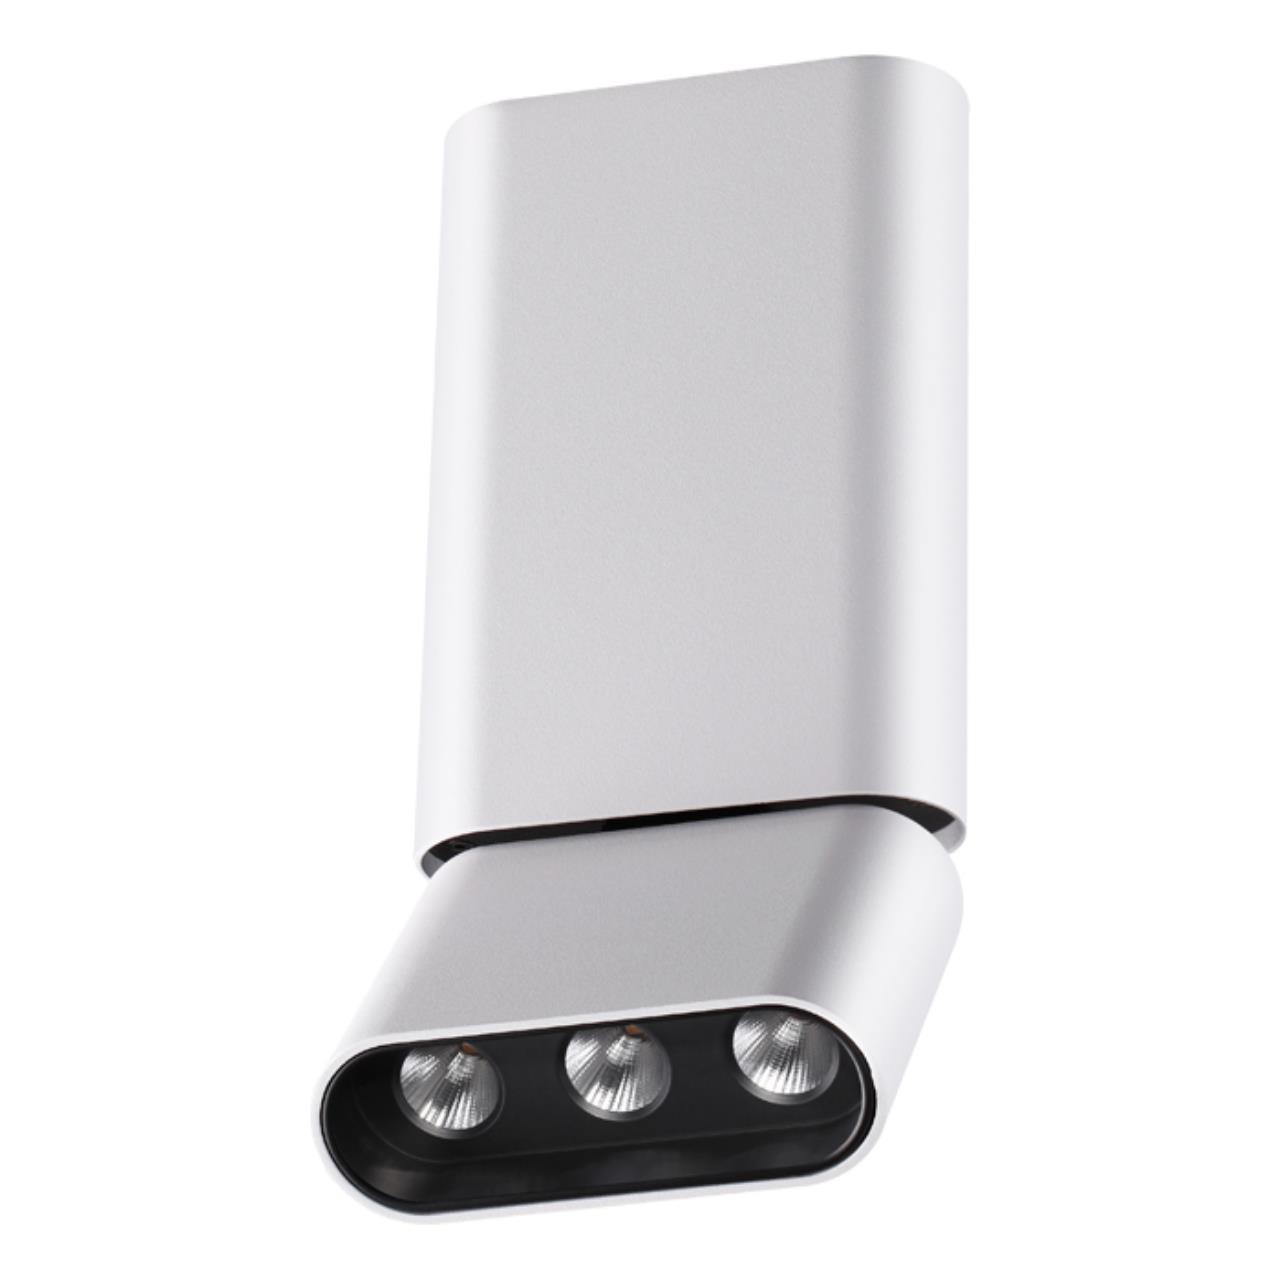 357952 OVER NT19 027 белый/черный Накладной светильник IP20 LED 3000К 12W 220-240V BELLA